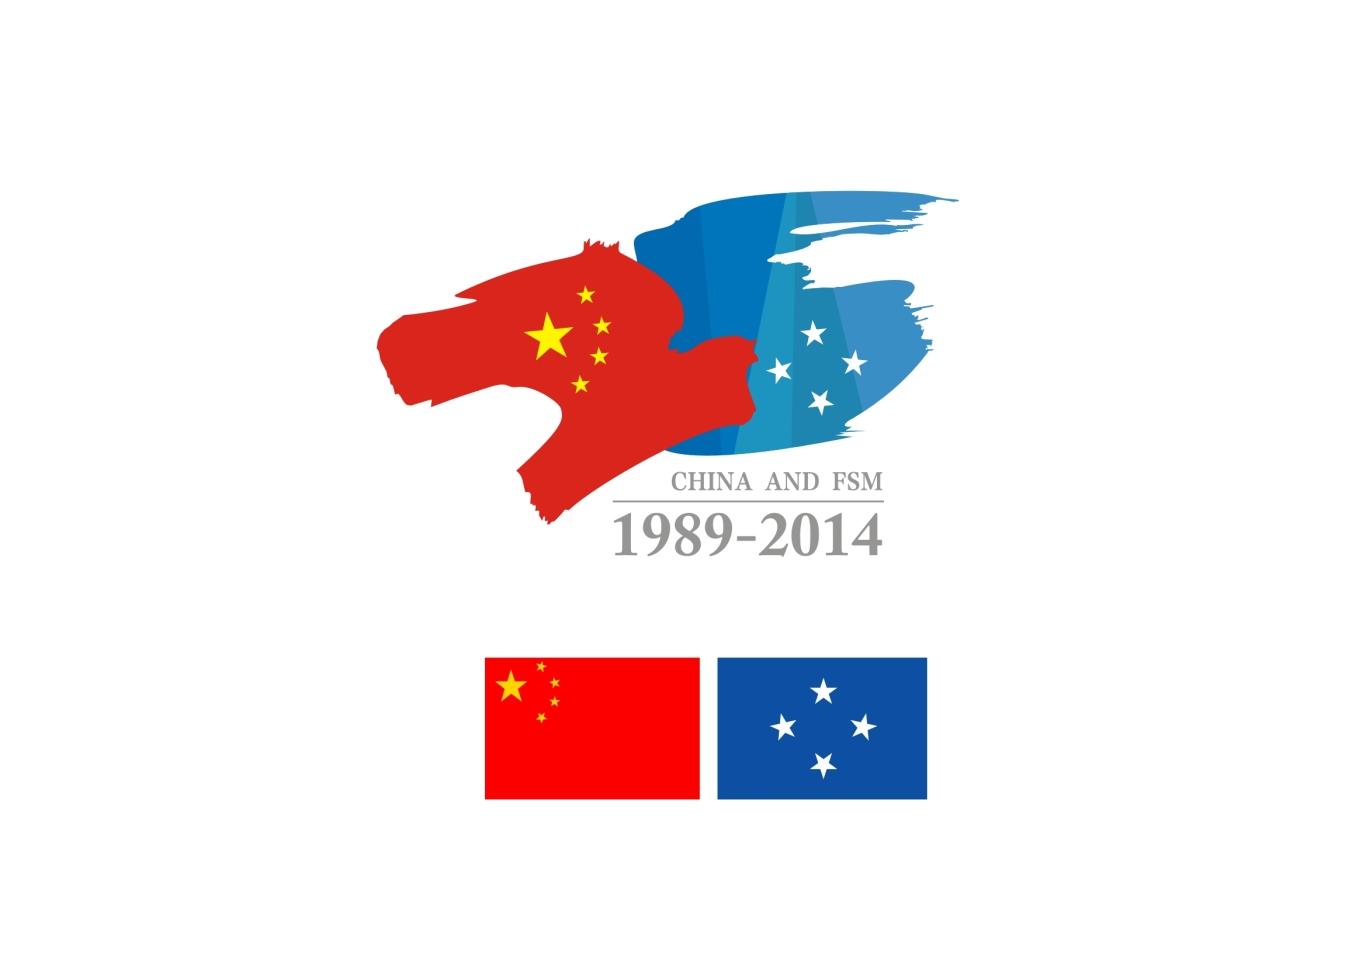 中国与密克罗尼西亚联邦建交25周年图0